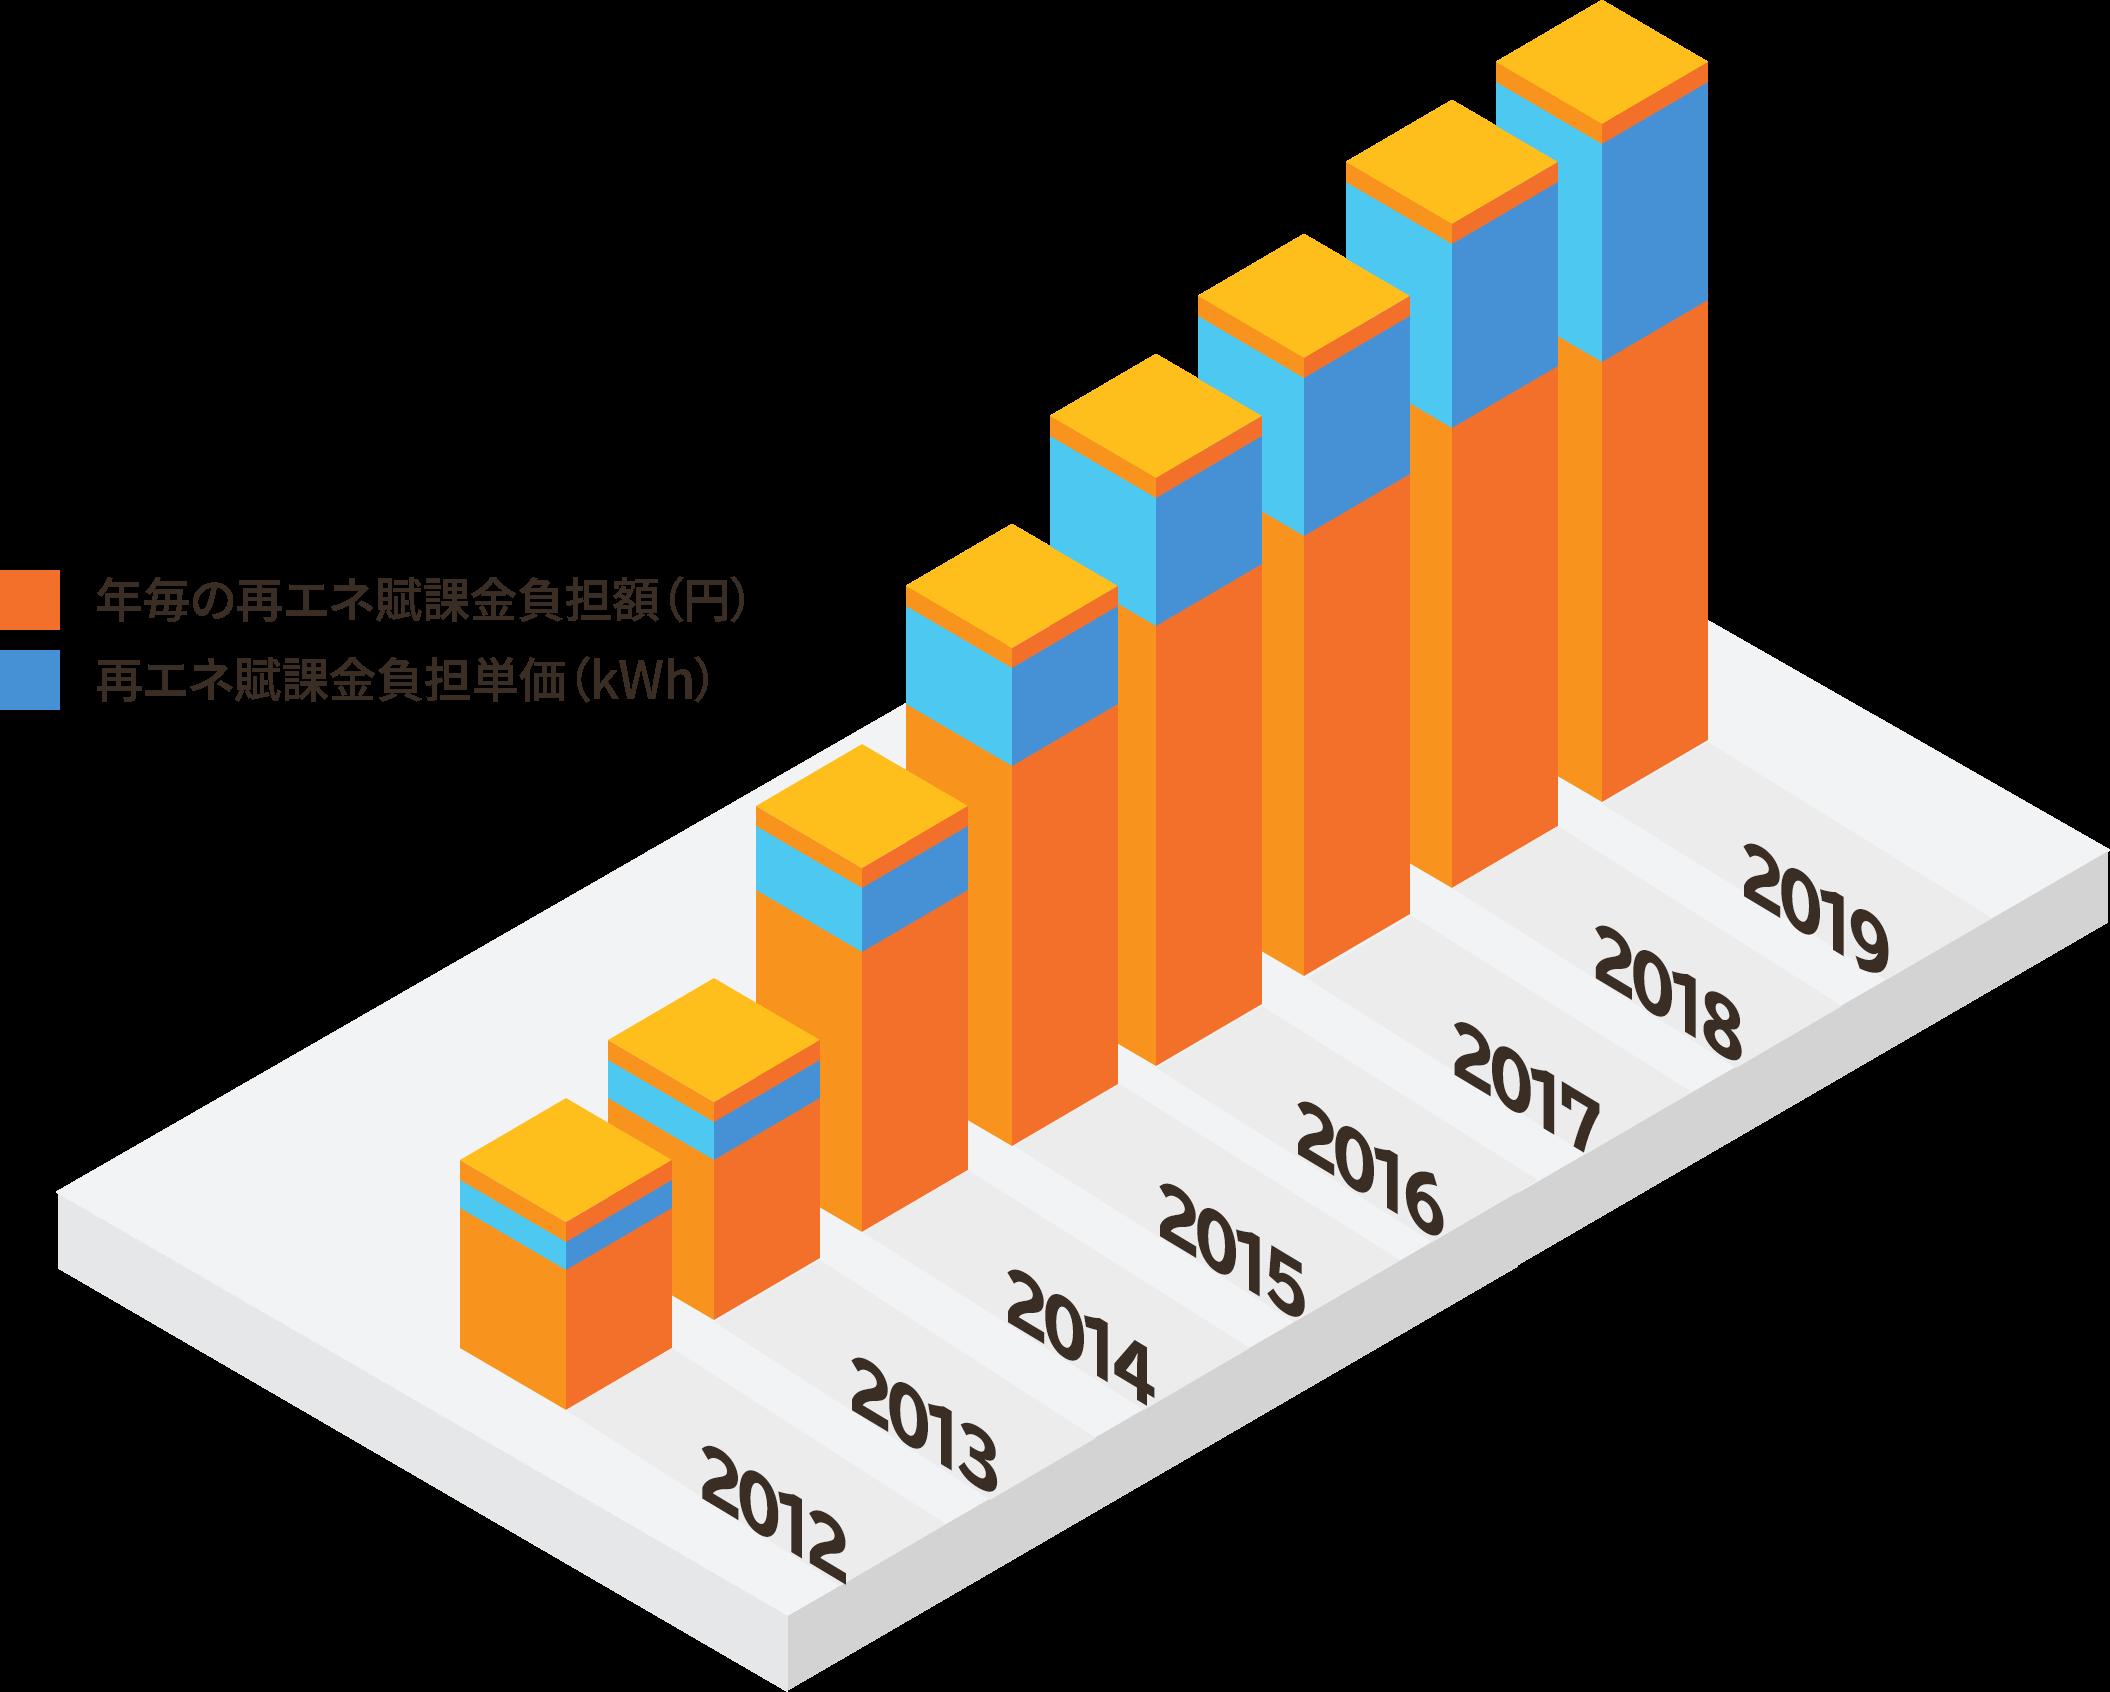 増加グラフ